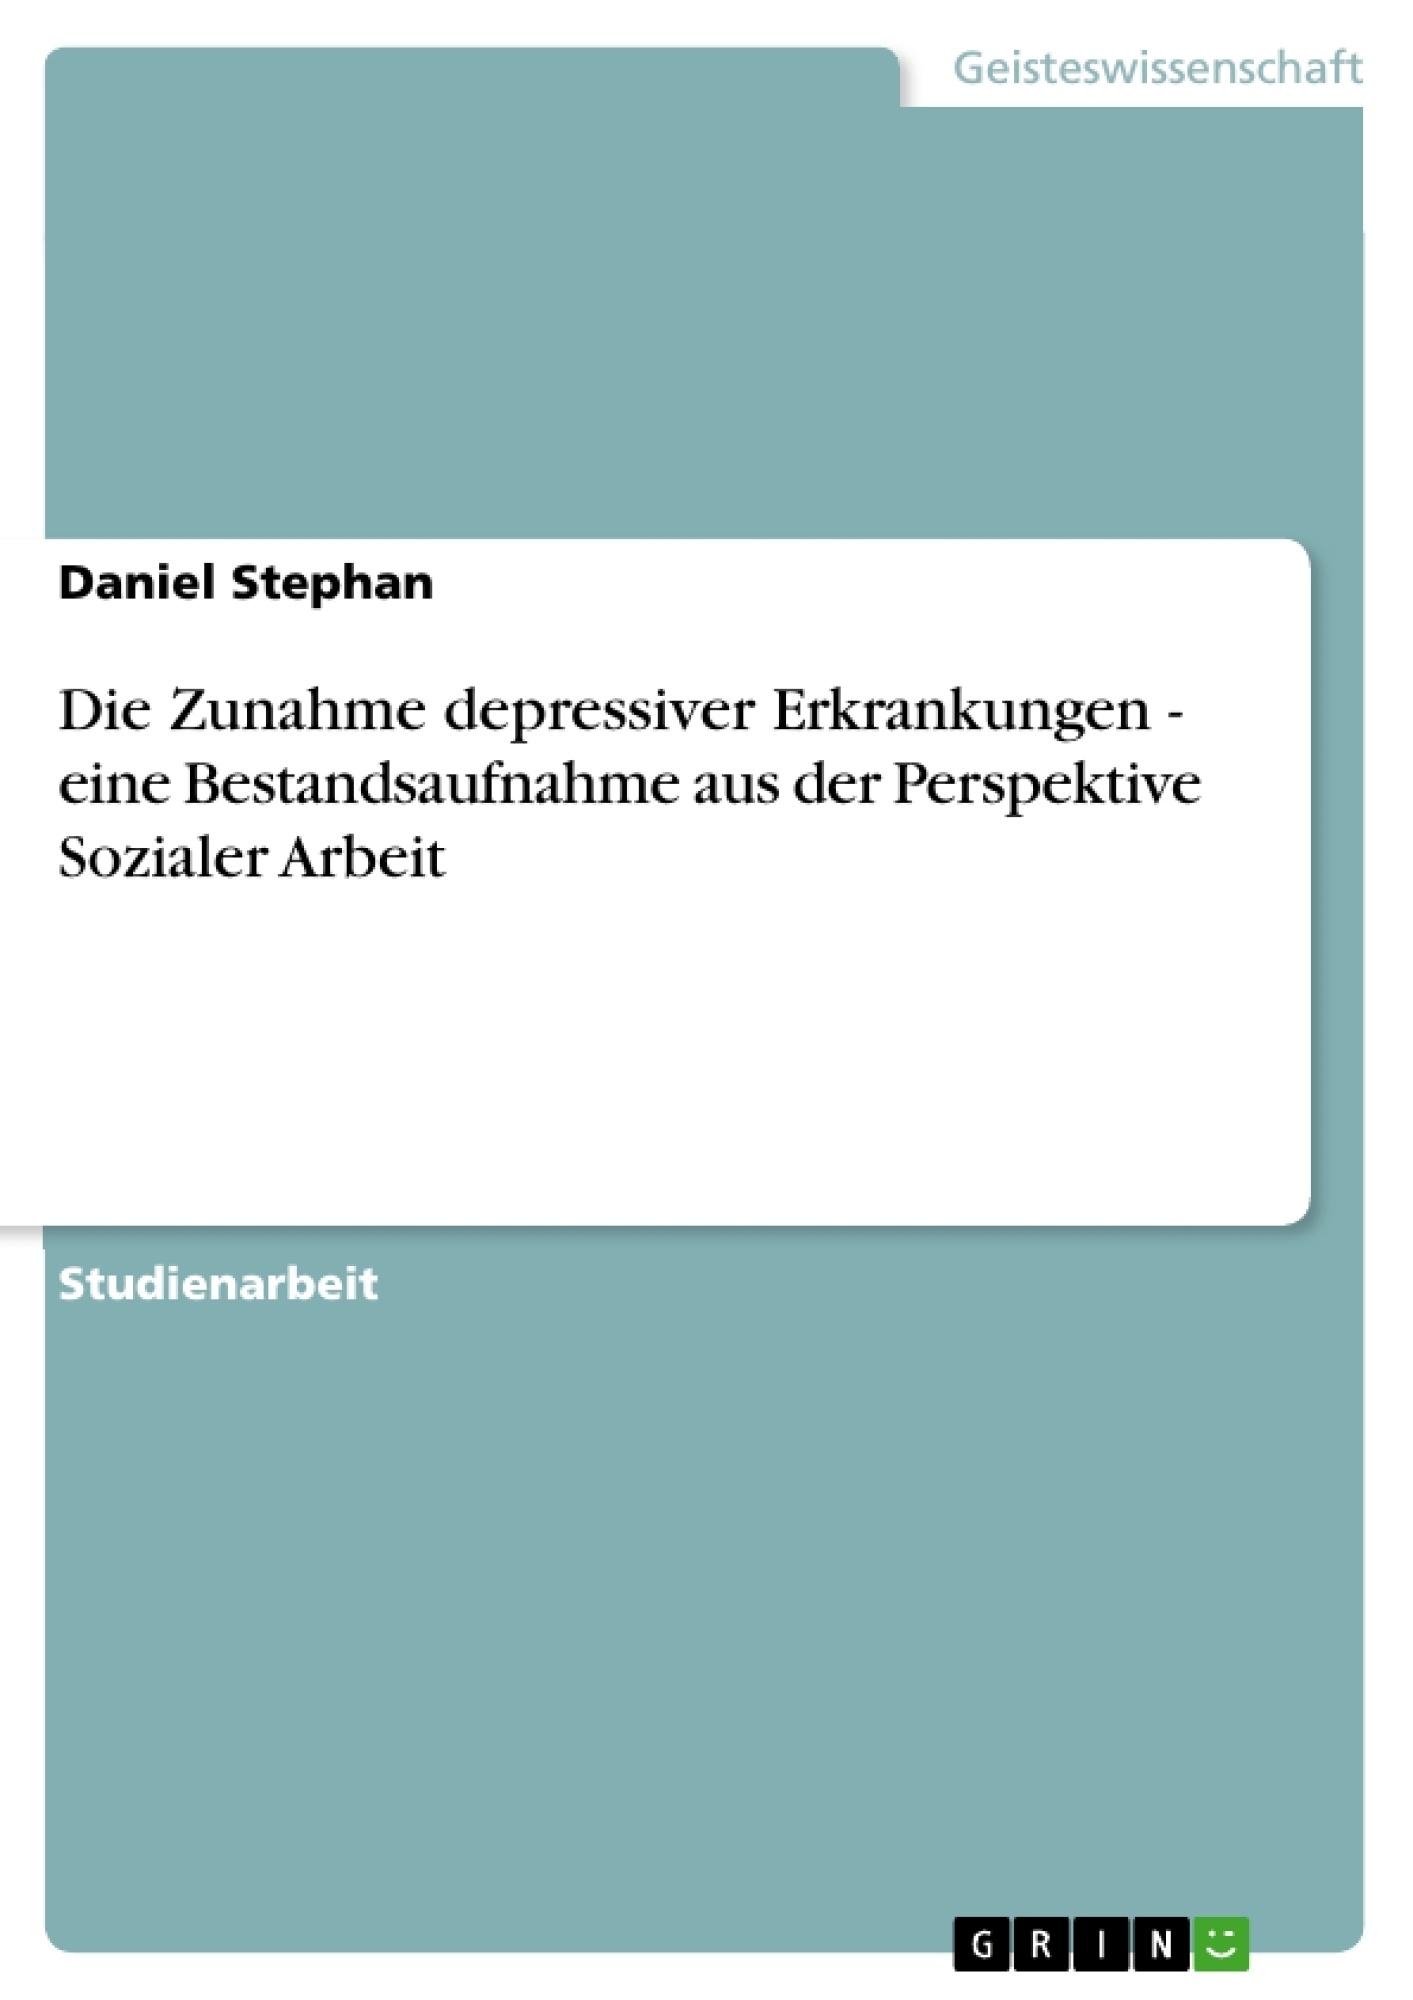 Titel: Die Zunahme depressiver Erkrankungen - eine Bestandsaufnahme aus der Perspektive Sozialer Arbeit